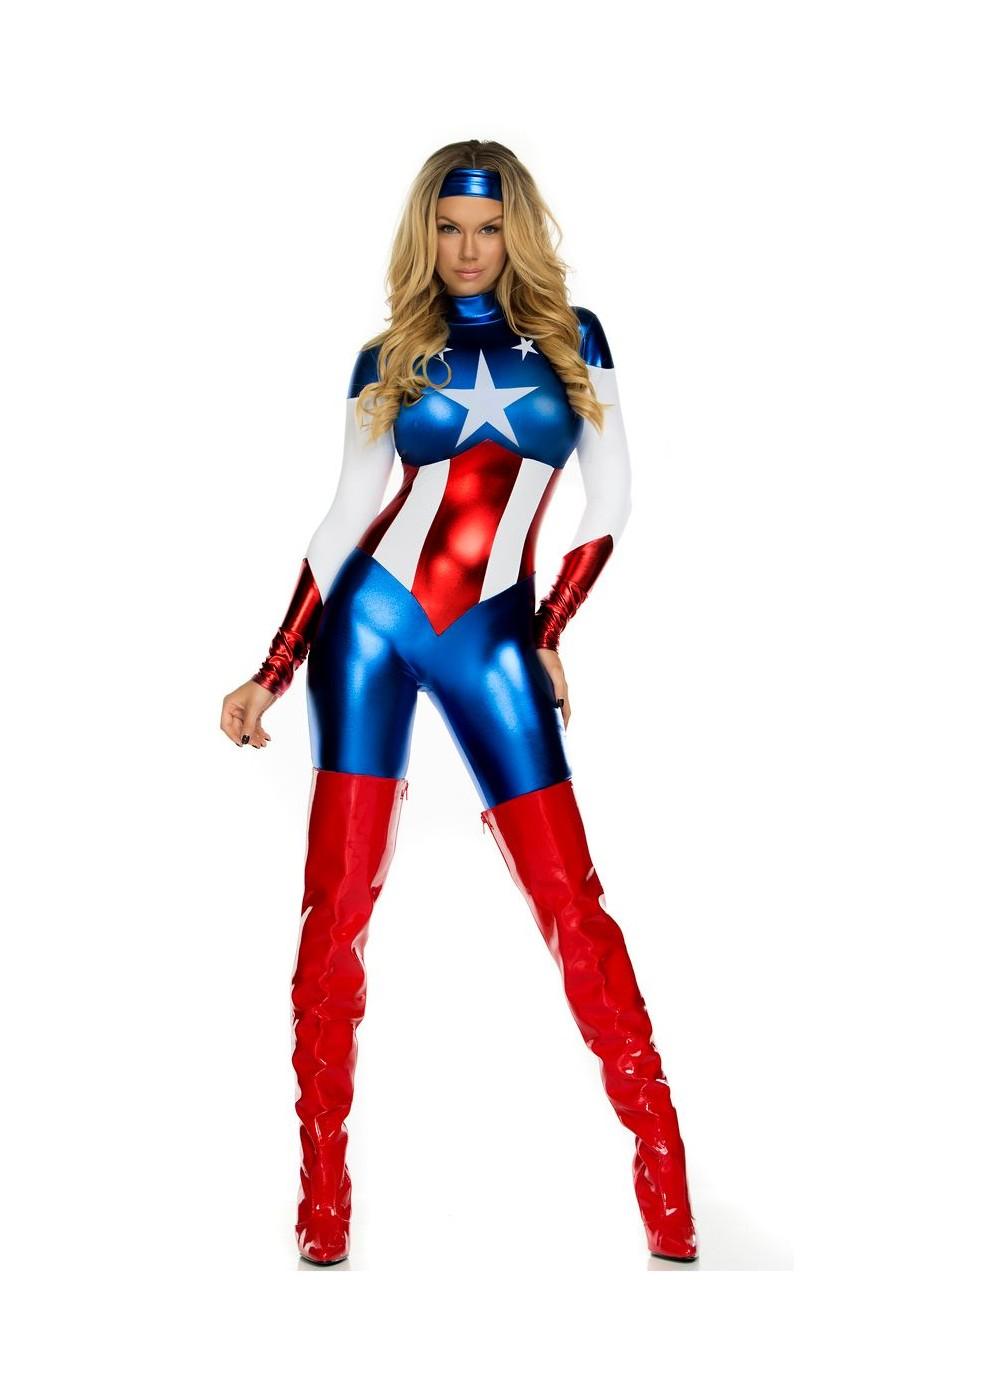 Astonishing Allegiance Sexy Hero Women Costume - Superhero -1512